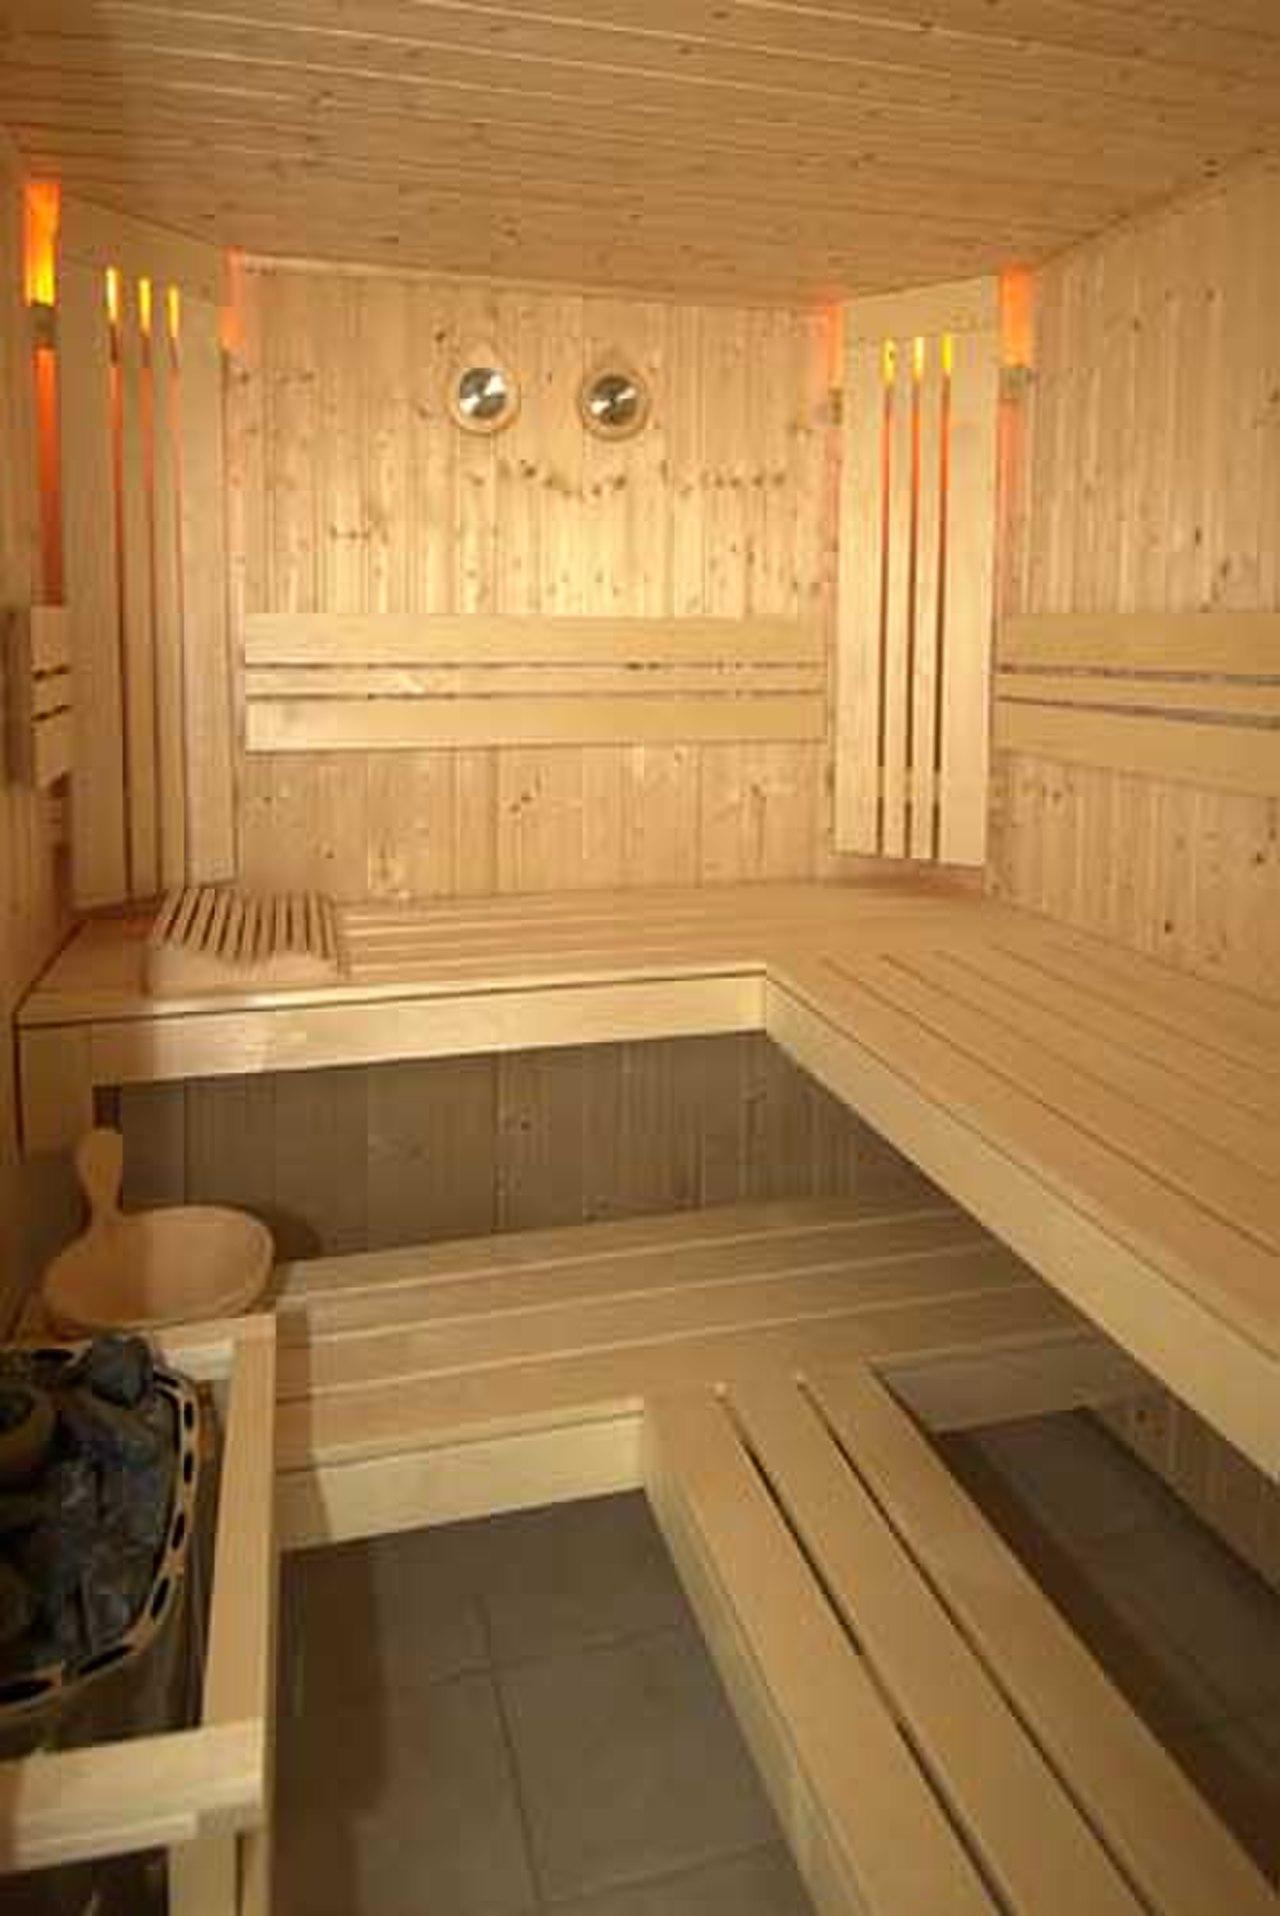 Textilfrei sauna Carasana: Bathing